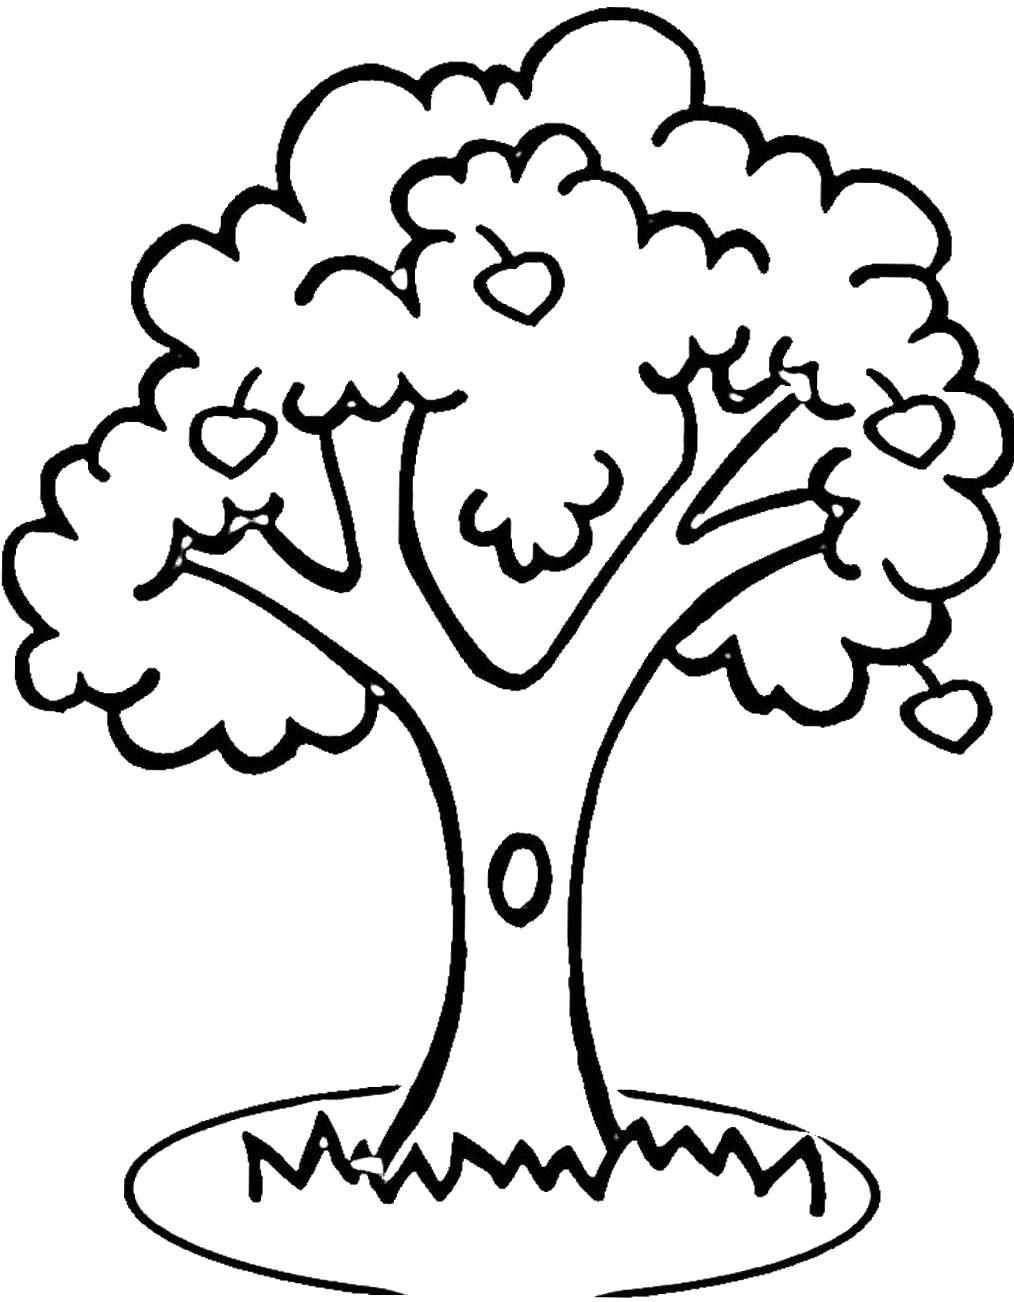 Раскраска Дерево с дуплом. Скачать деревья.  Распечатать деревья